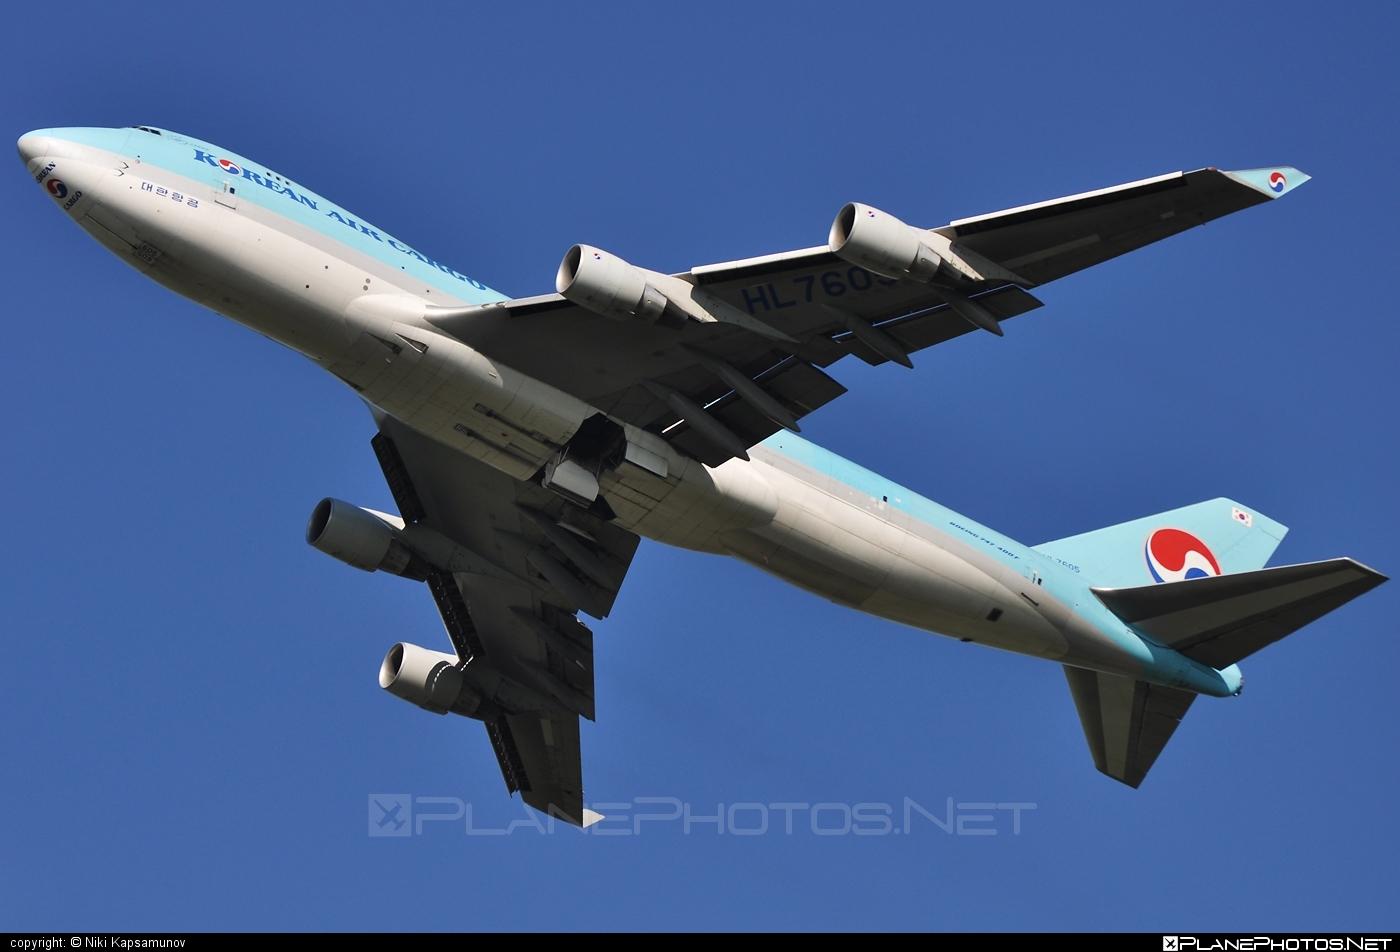 Boeing 747-400ERF - HL7605 operated by Korean Air Cargo #b747 #b747erf #b747freighter #boeing #boeing747 #jumbo #koreanair #koreanaircargo